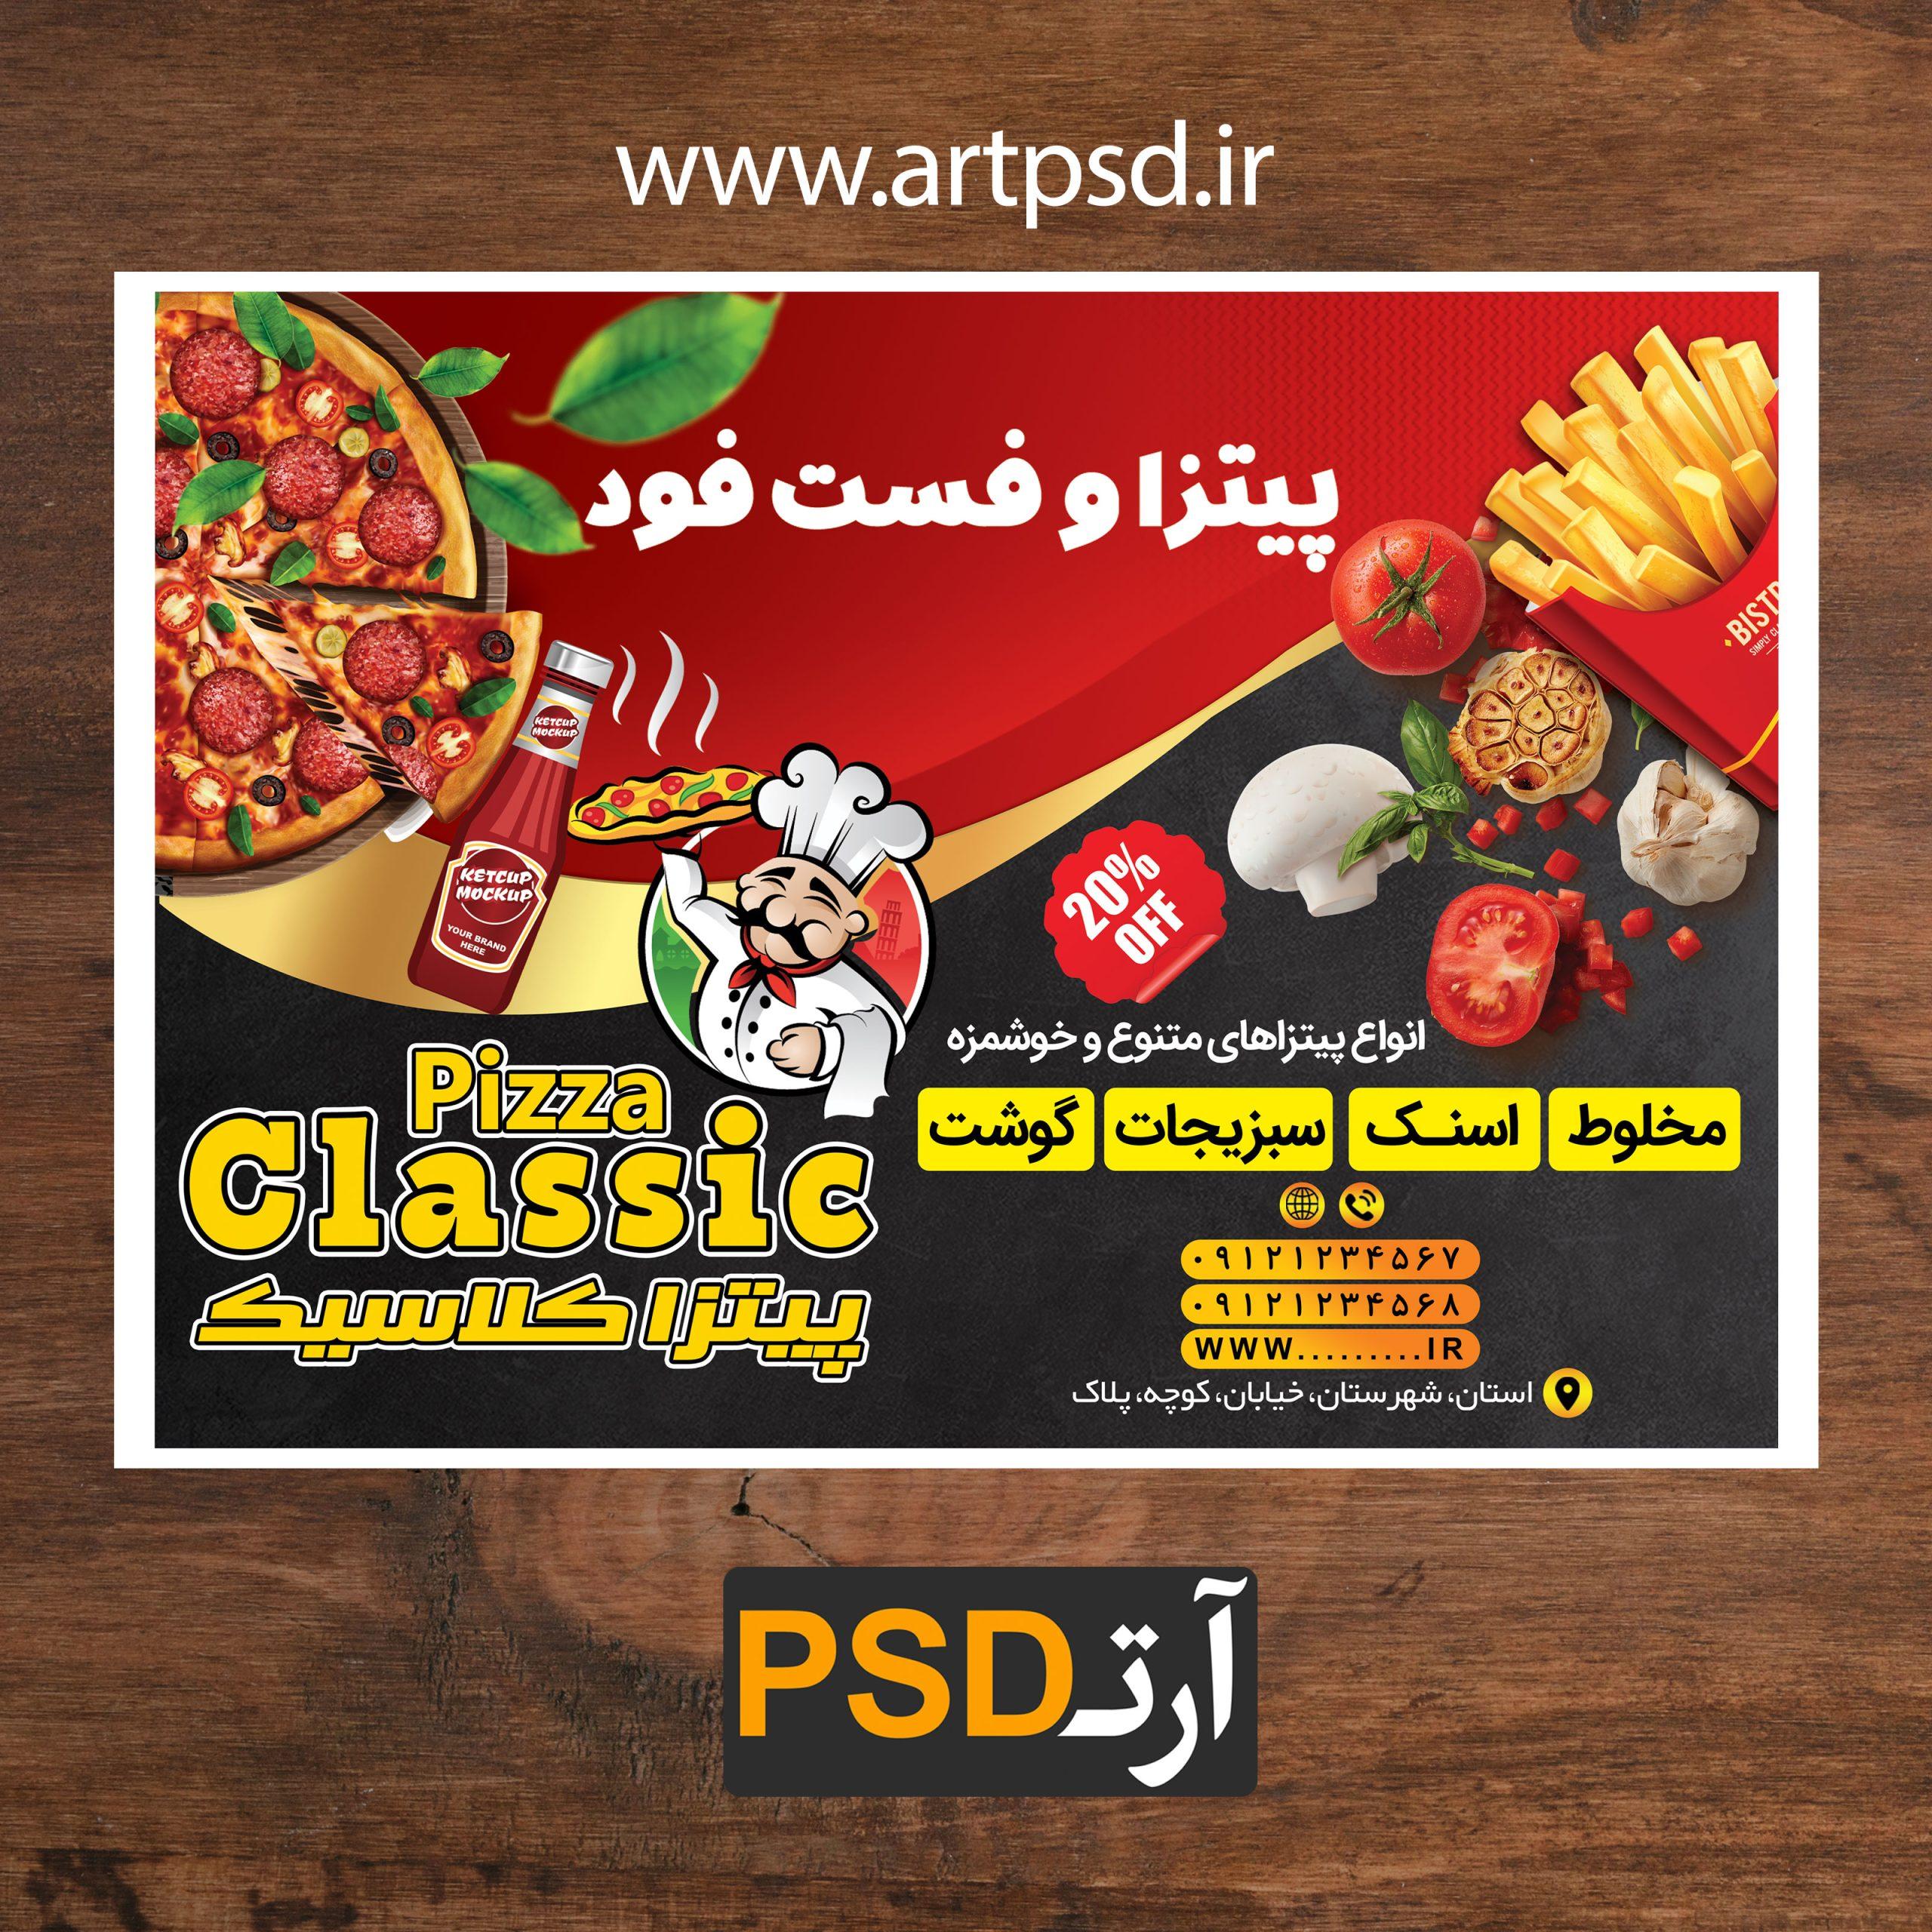 تراکت لایه باز طرح فست فود پیتزا و ساندویچ PSD